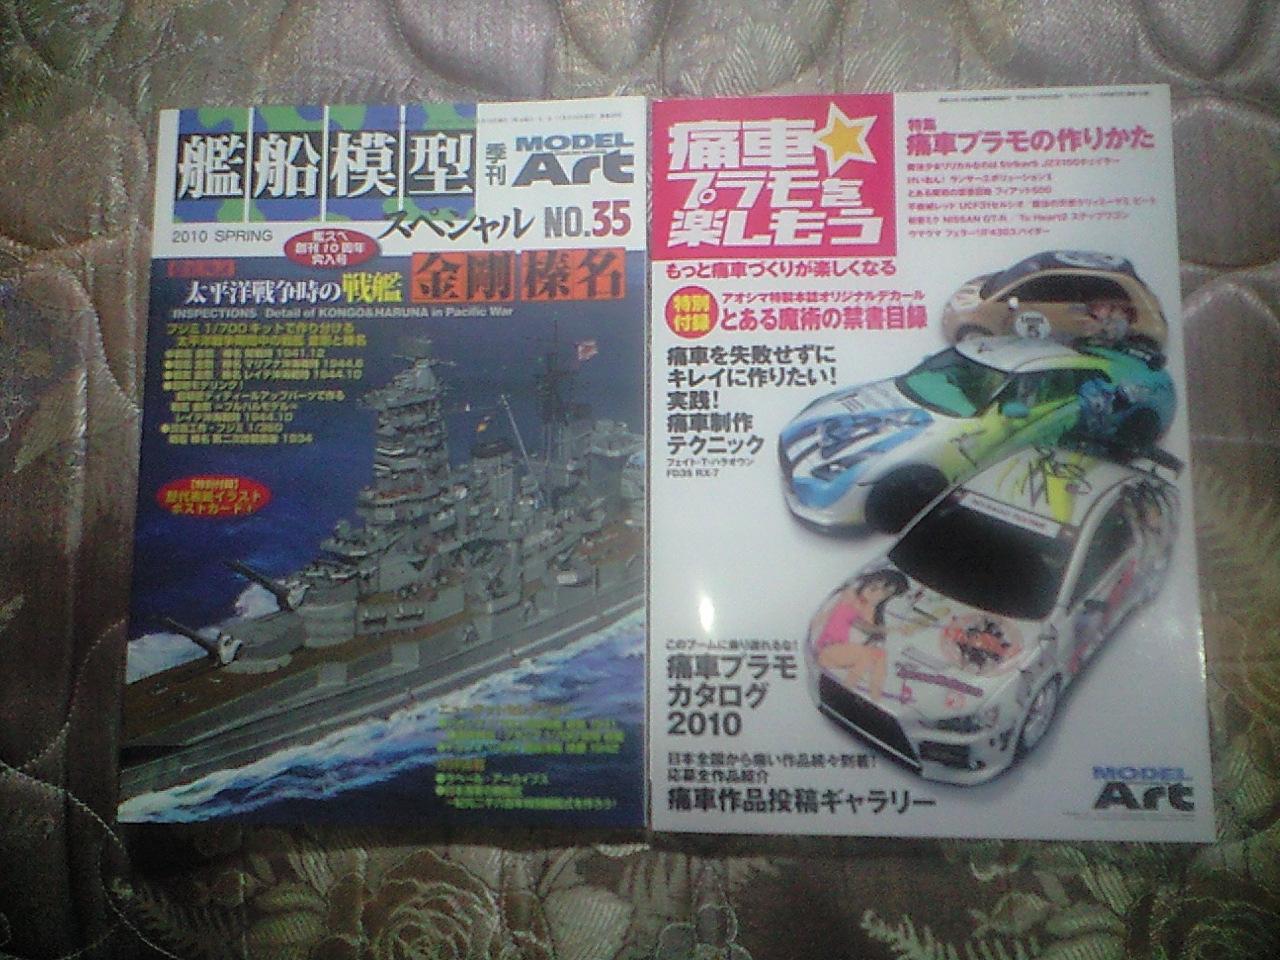 模型雑誌を買ってみる